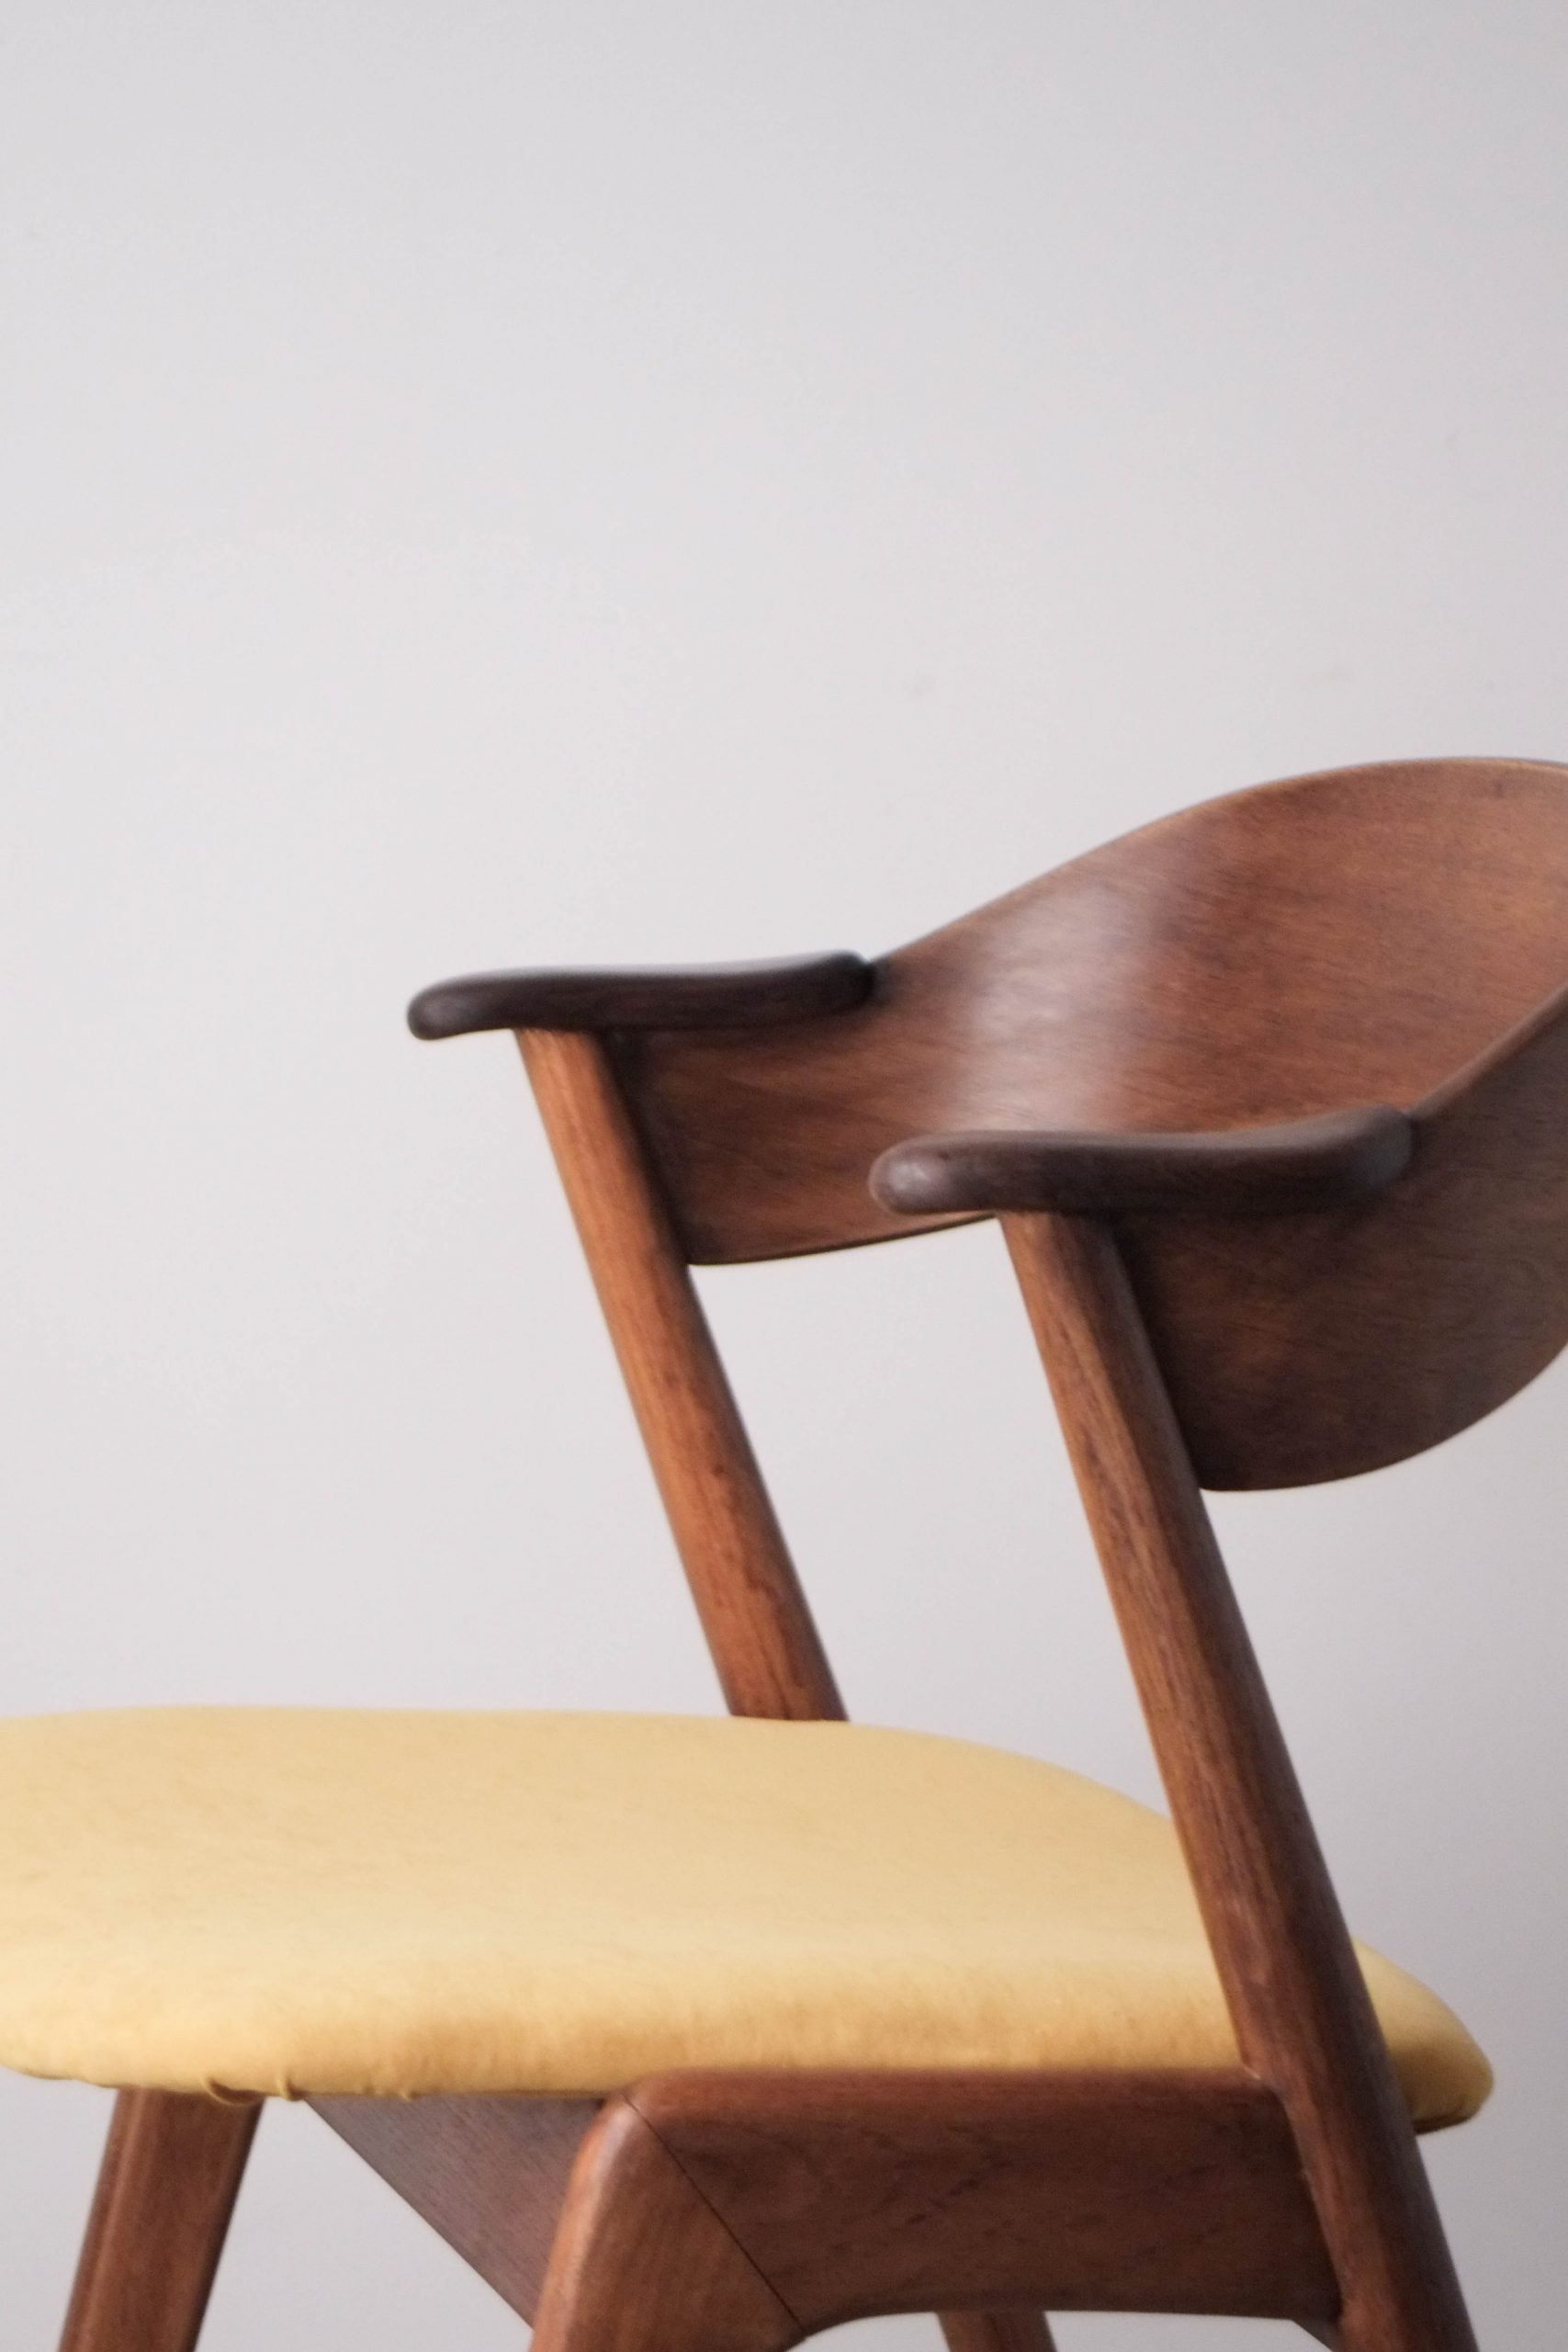 diseño kai kristiansen tapizado mostaza comedor salon silla